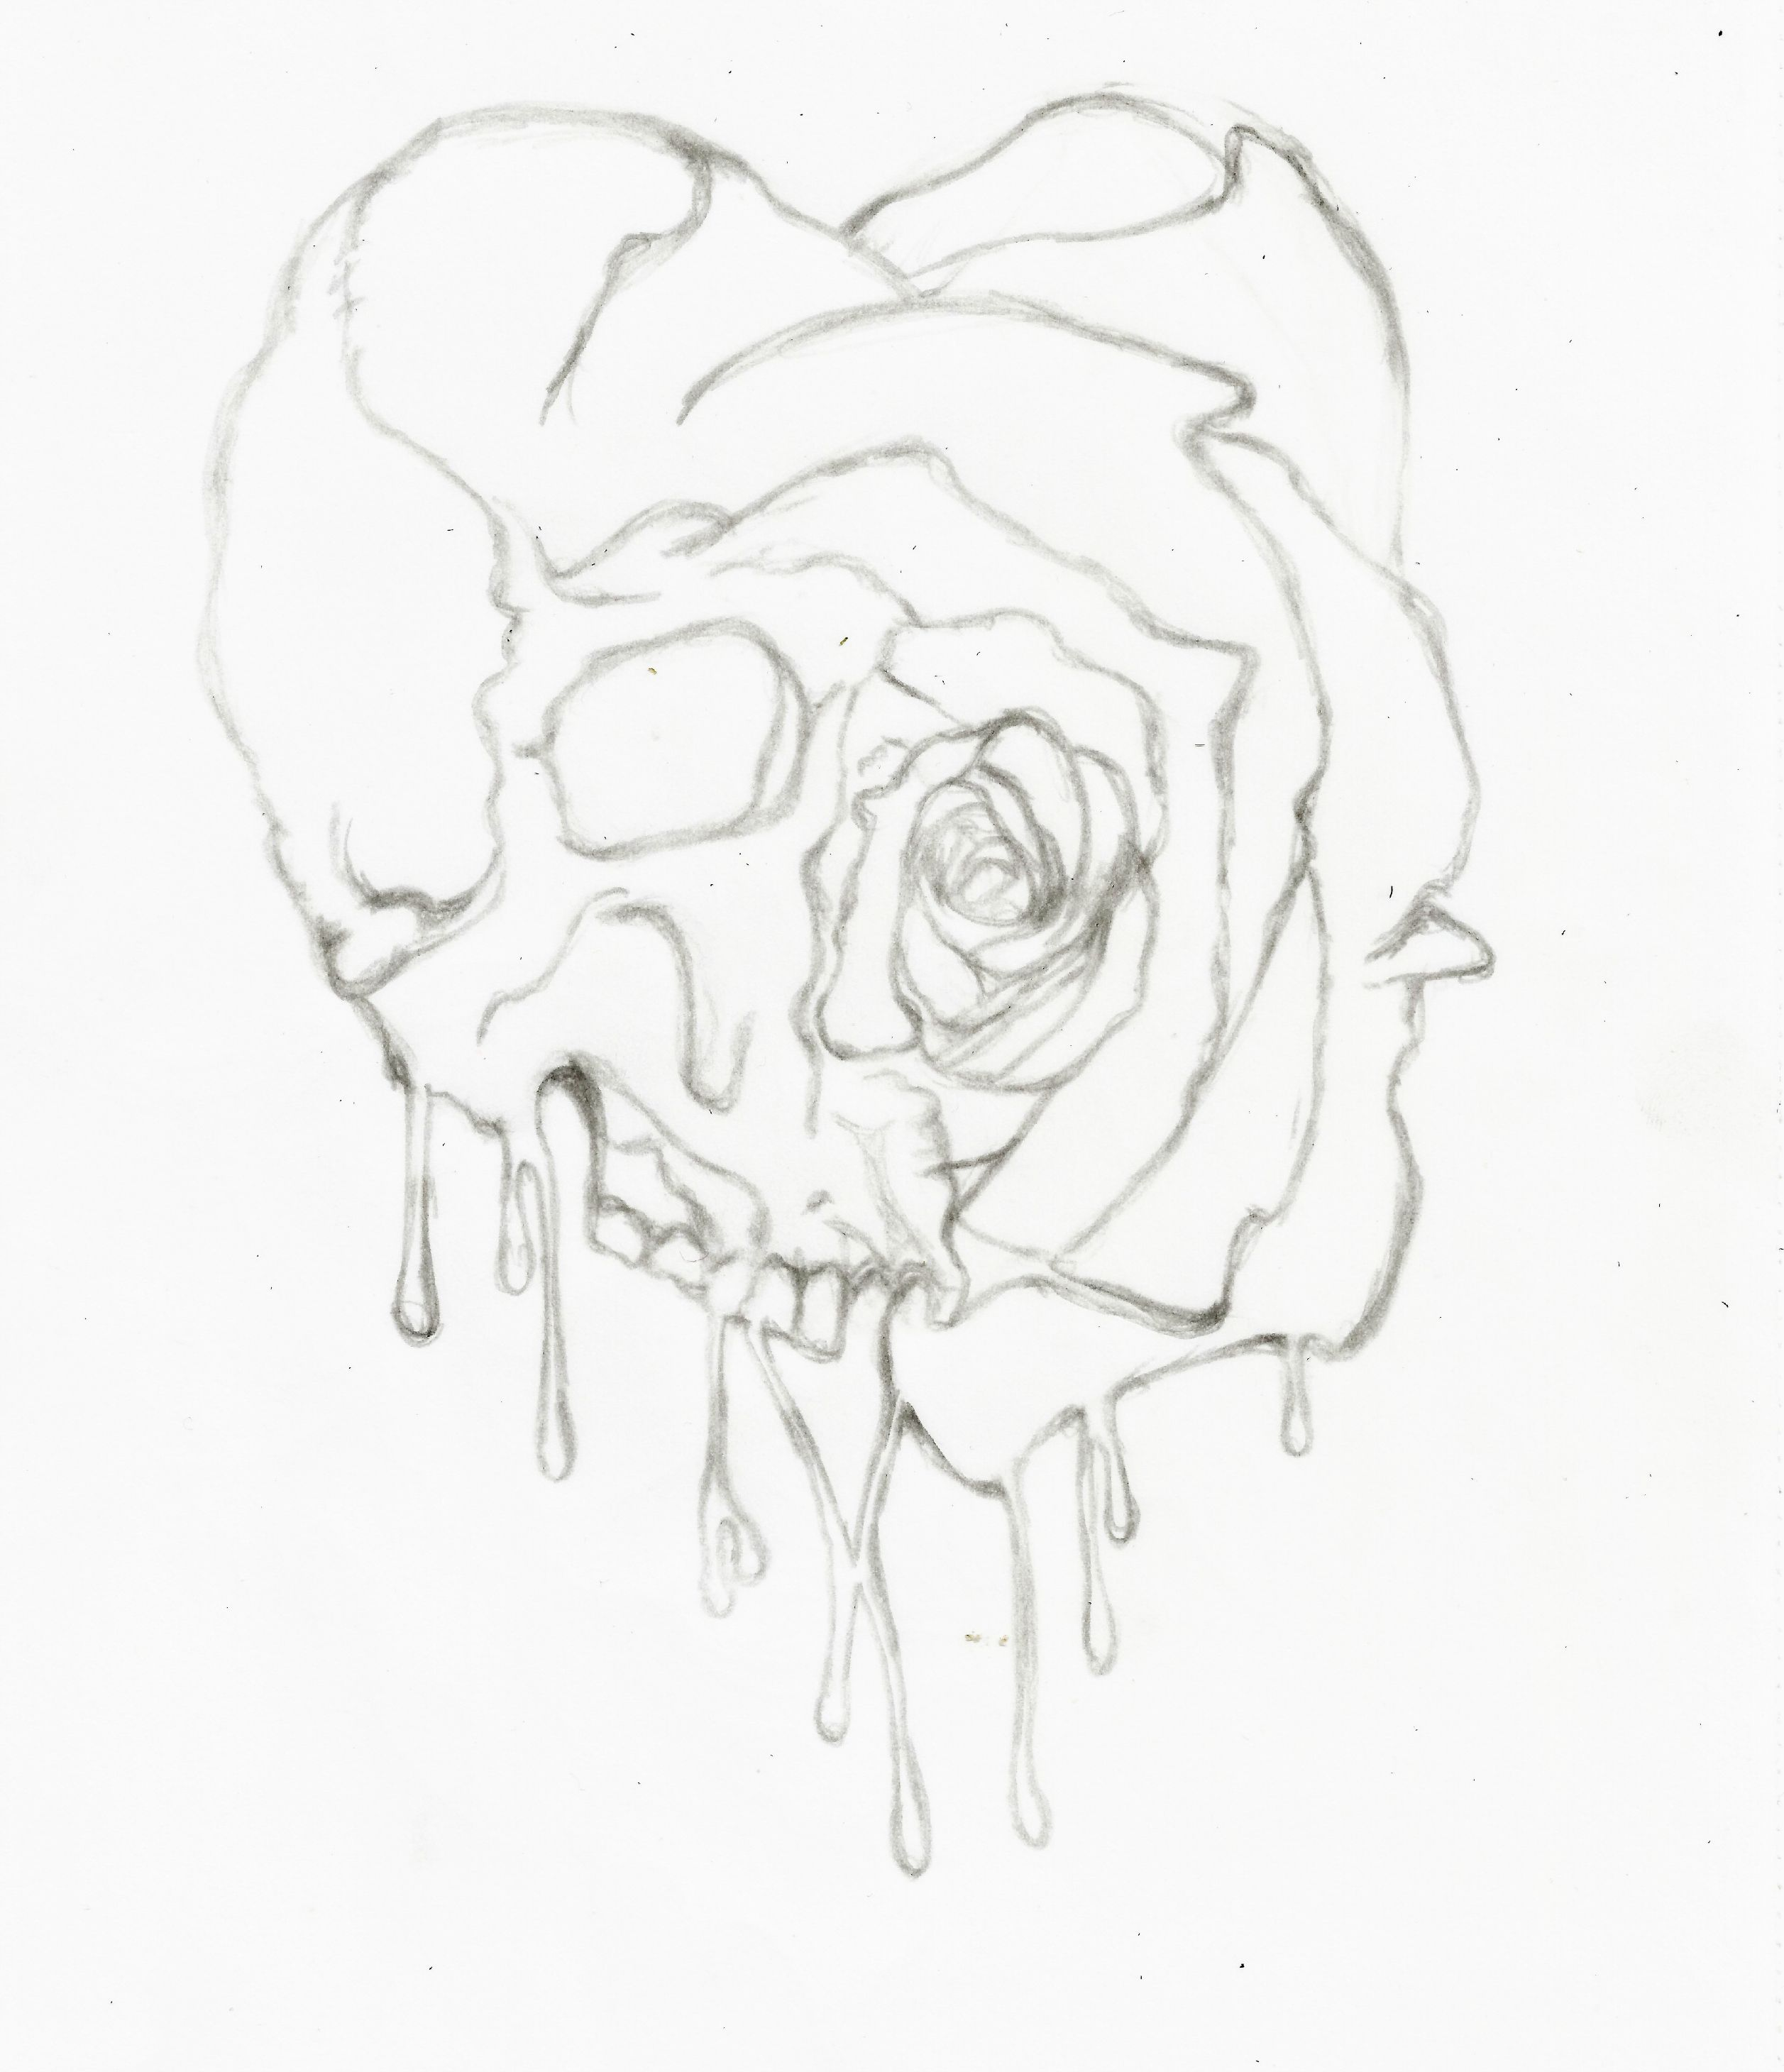 Tattoo Design Outline By Deathlouis Watch Designs